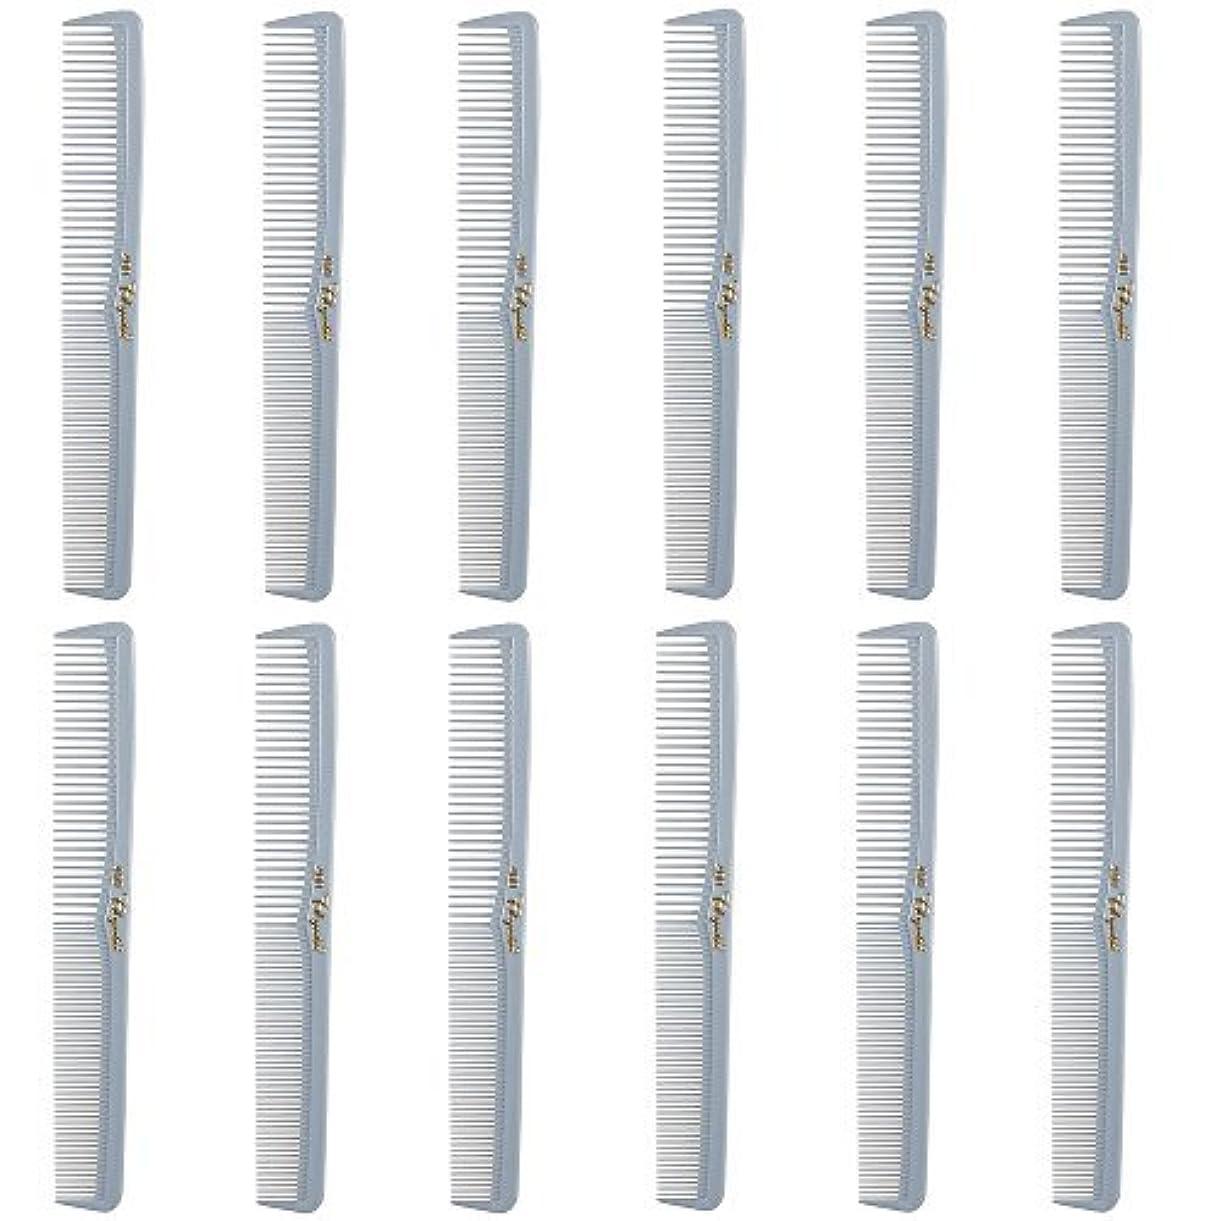 スペイン語青写真必需品Barber Beauty Hair Cleopatra 400 All Purpose Comb (12 Pack) 12 x SB-C400-LGREY [並行輸入品]